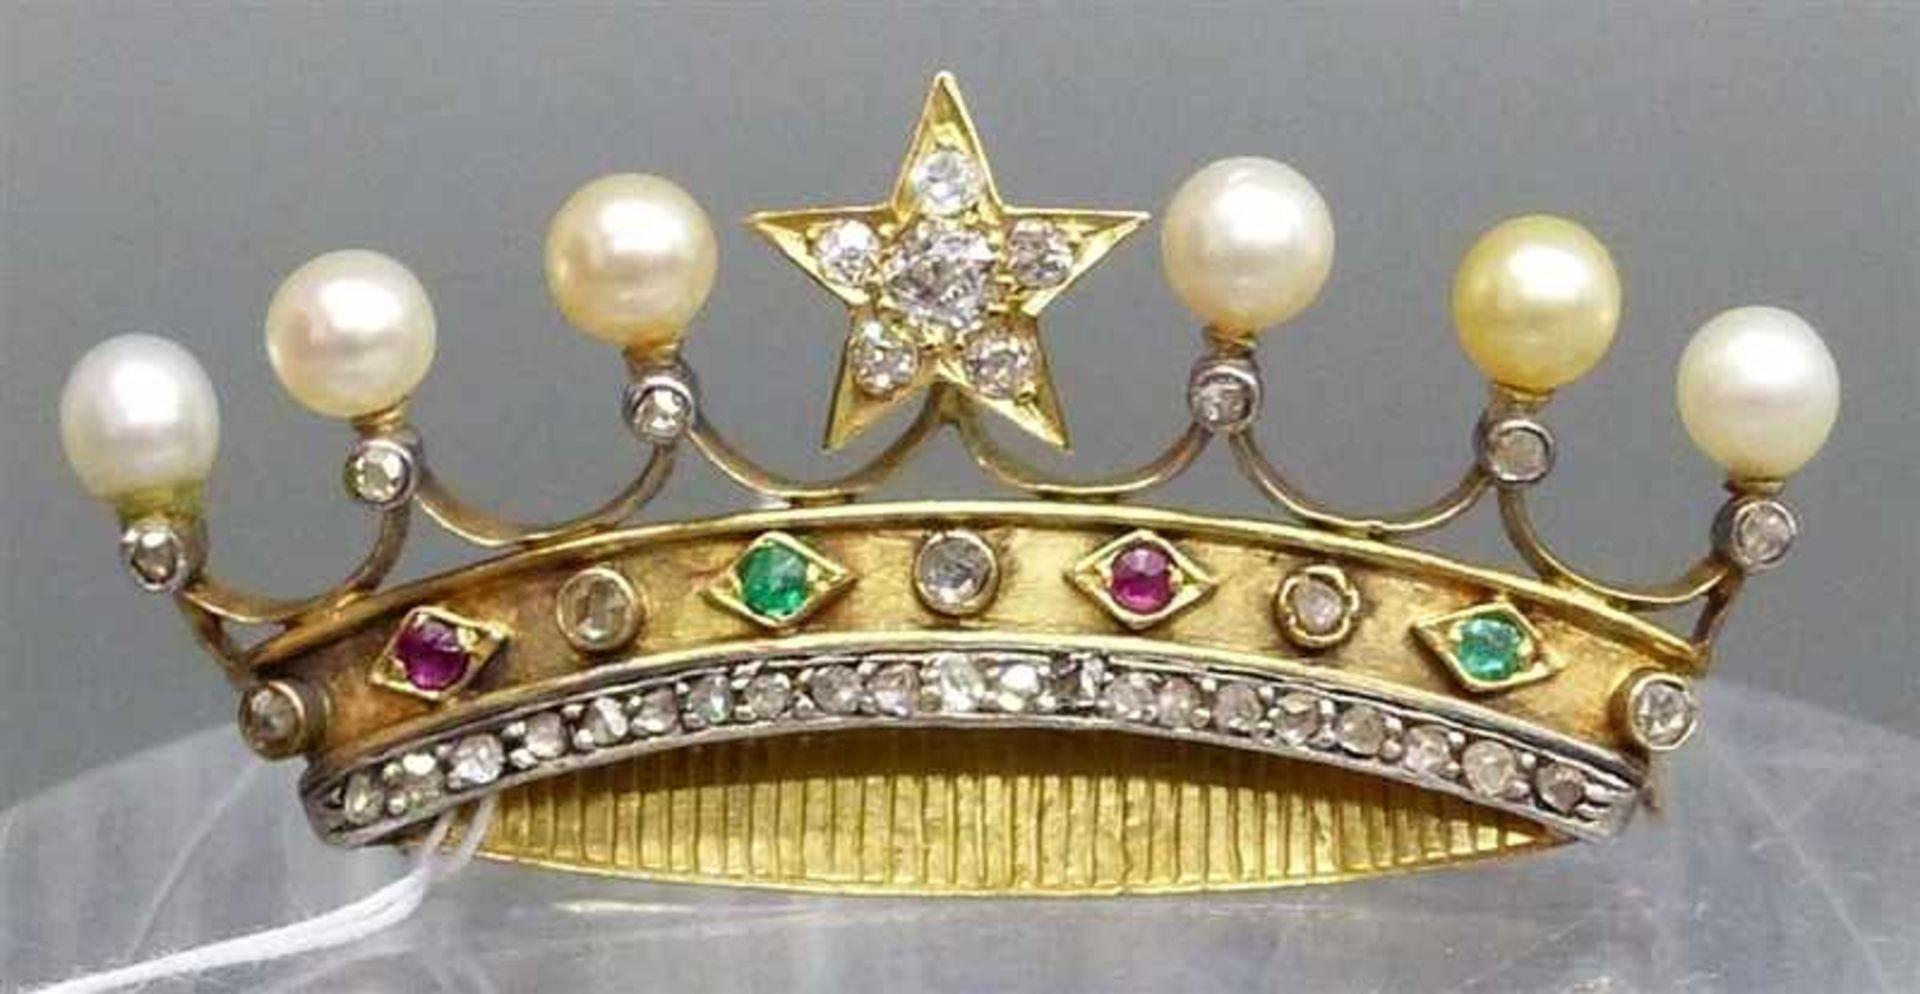 Brosche, 19. Jh. 14 kt. Gelbgold, in Form einer Krone, besetzt mit ca. 36 Diamanten und